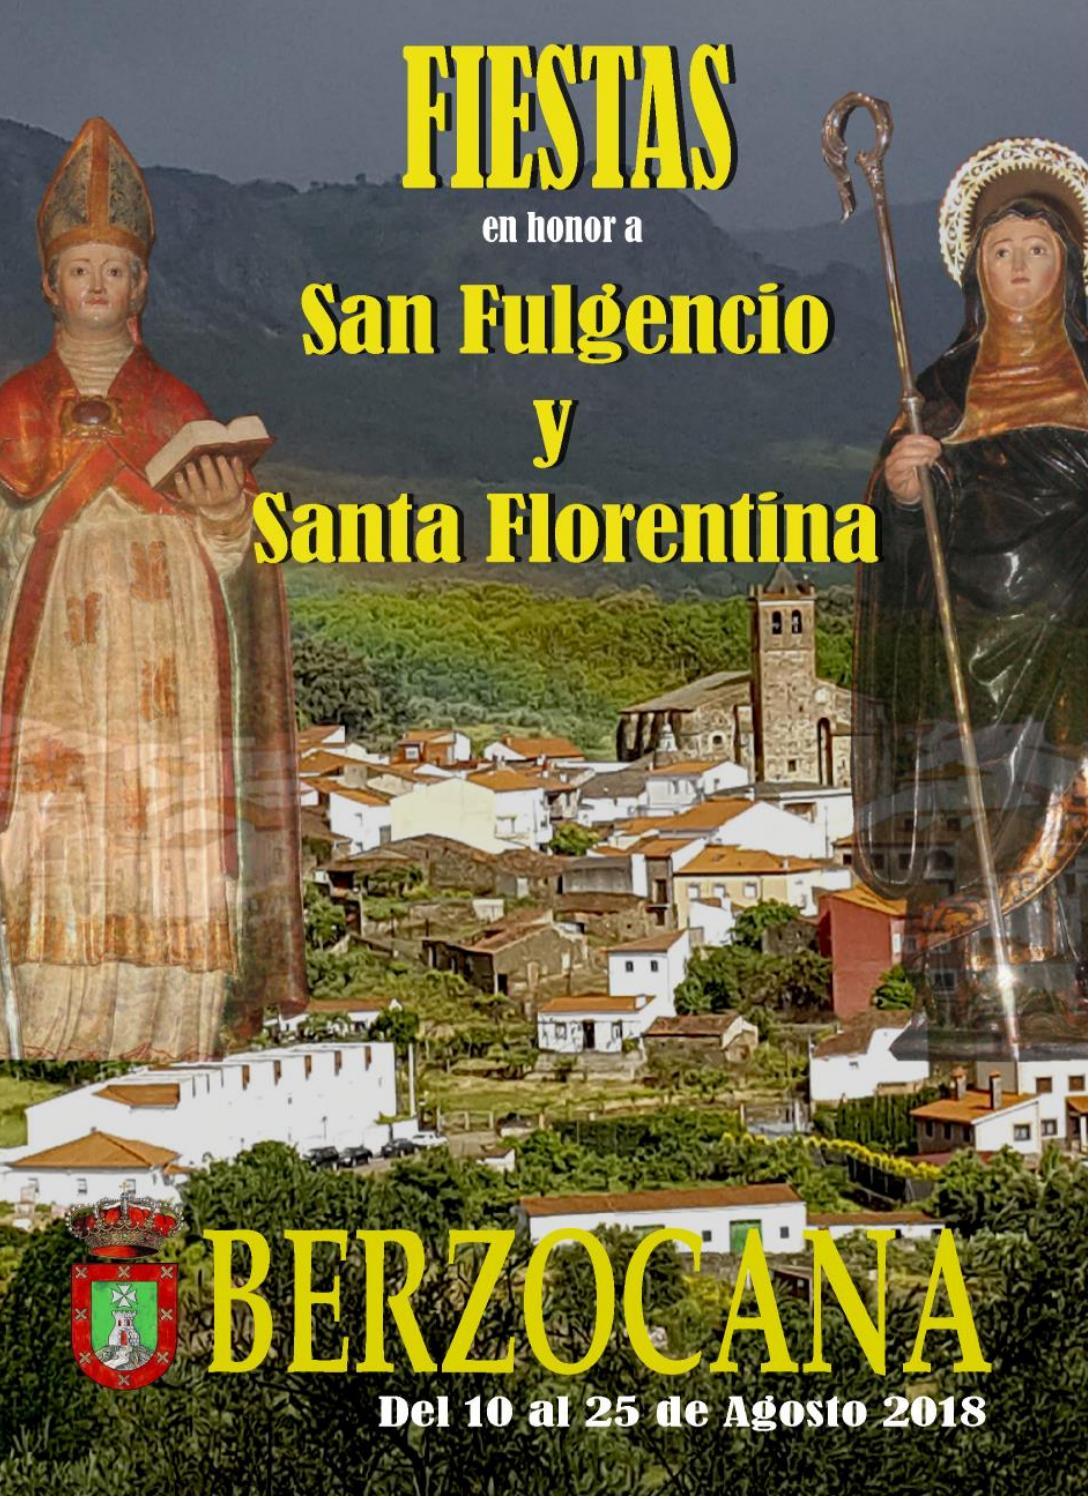 Programa de fiestas en honor a San Fulgencio y Santa Florentina 2018 - Berzocana 1